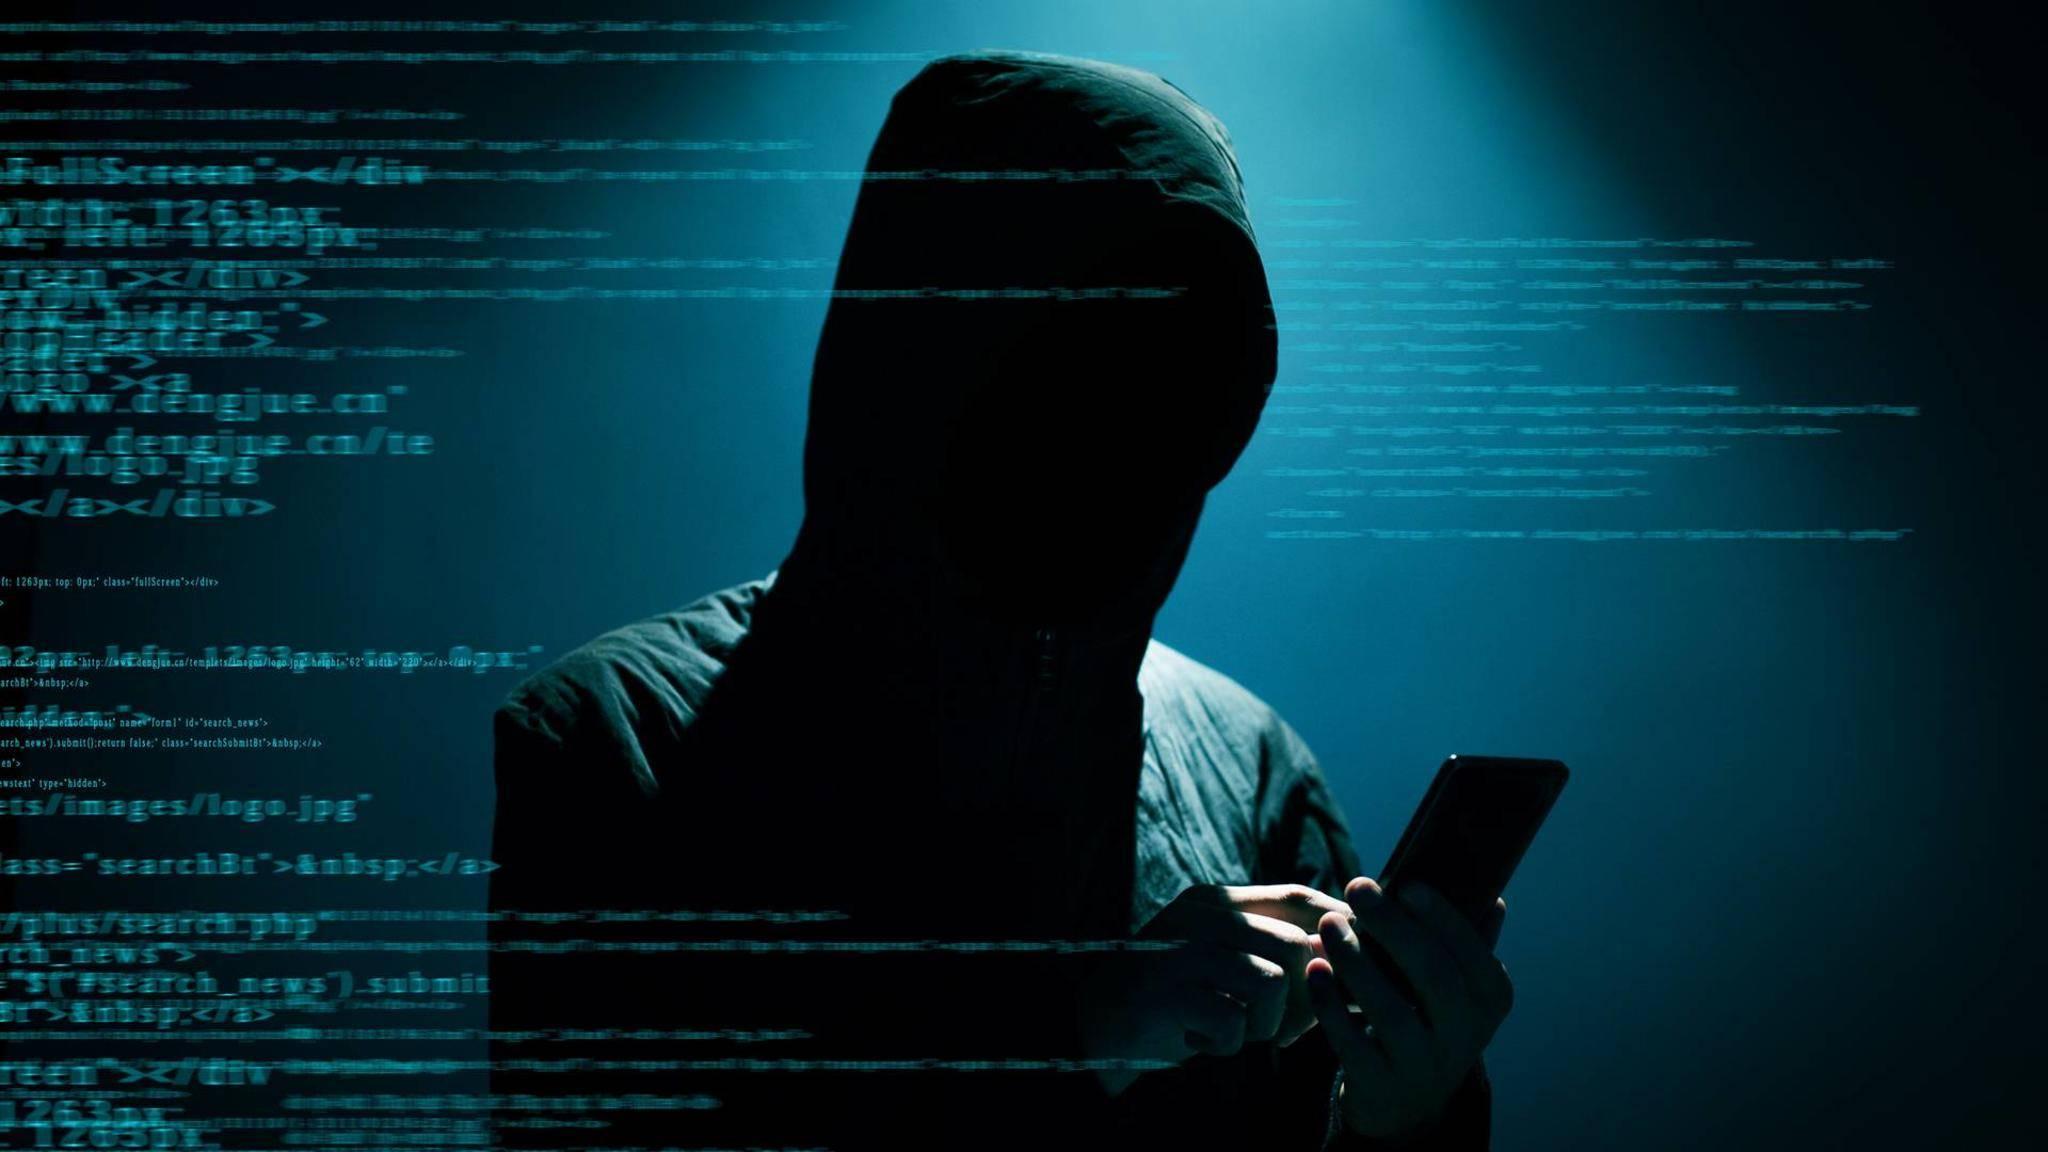 Apple erklärt, dass bei dem jüngsten Hack-Angriff keinerlei persönliche Kundendaten entwendet wurden.